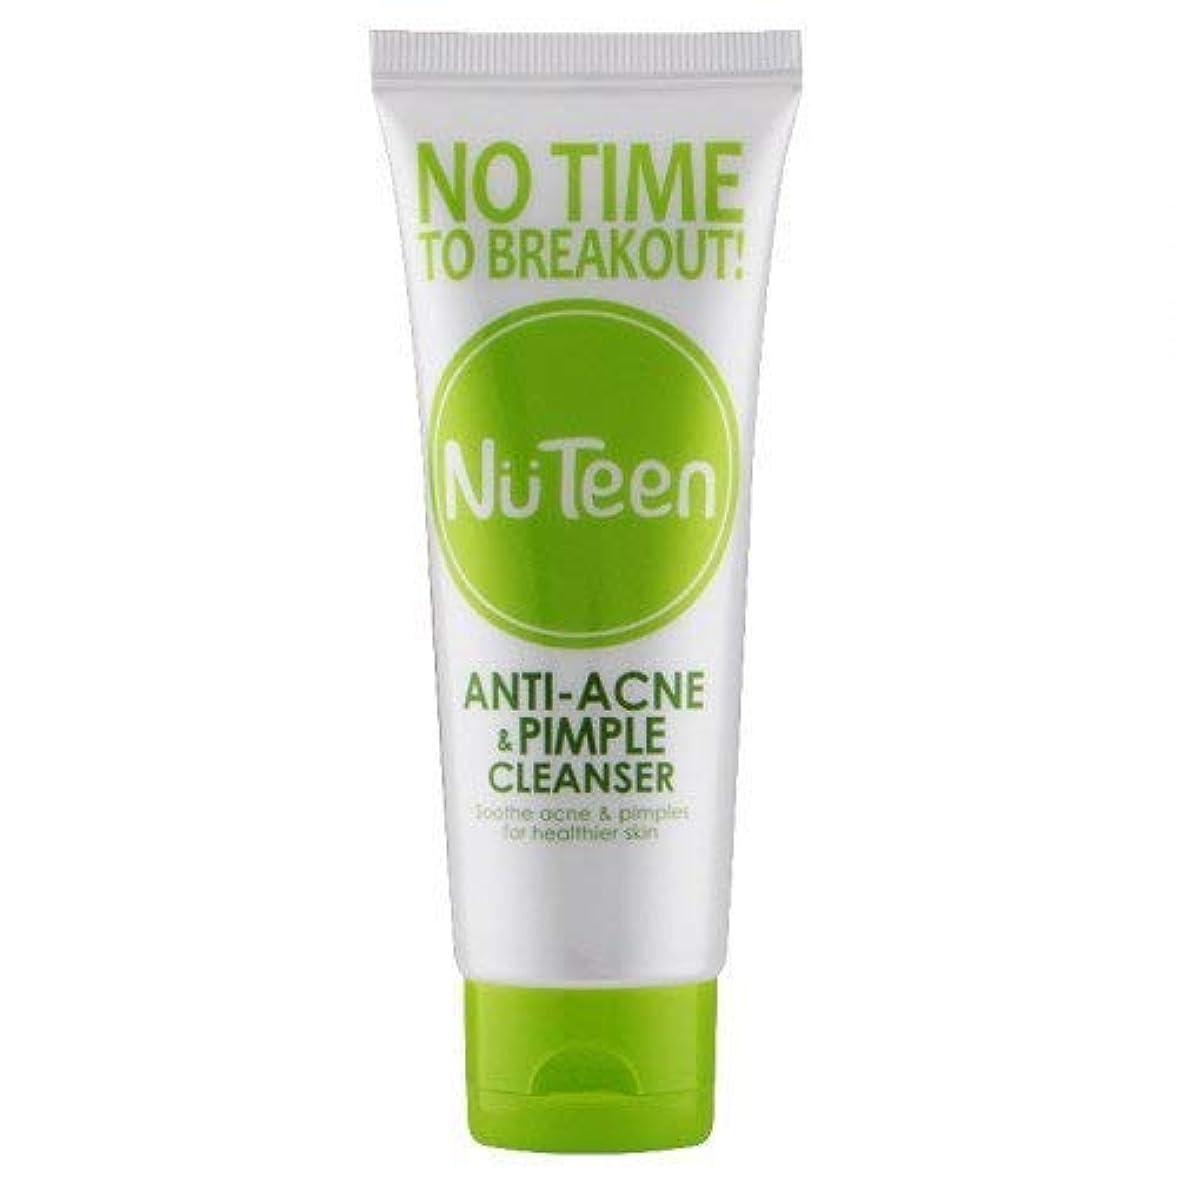 彼びん鋸歯状Nuteen 抗ニキビや吹き出物洗顔料は優しく効果的にきれい100g-乾燥せずに余分な油や汚れを取り除きます